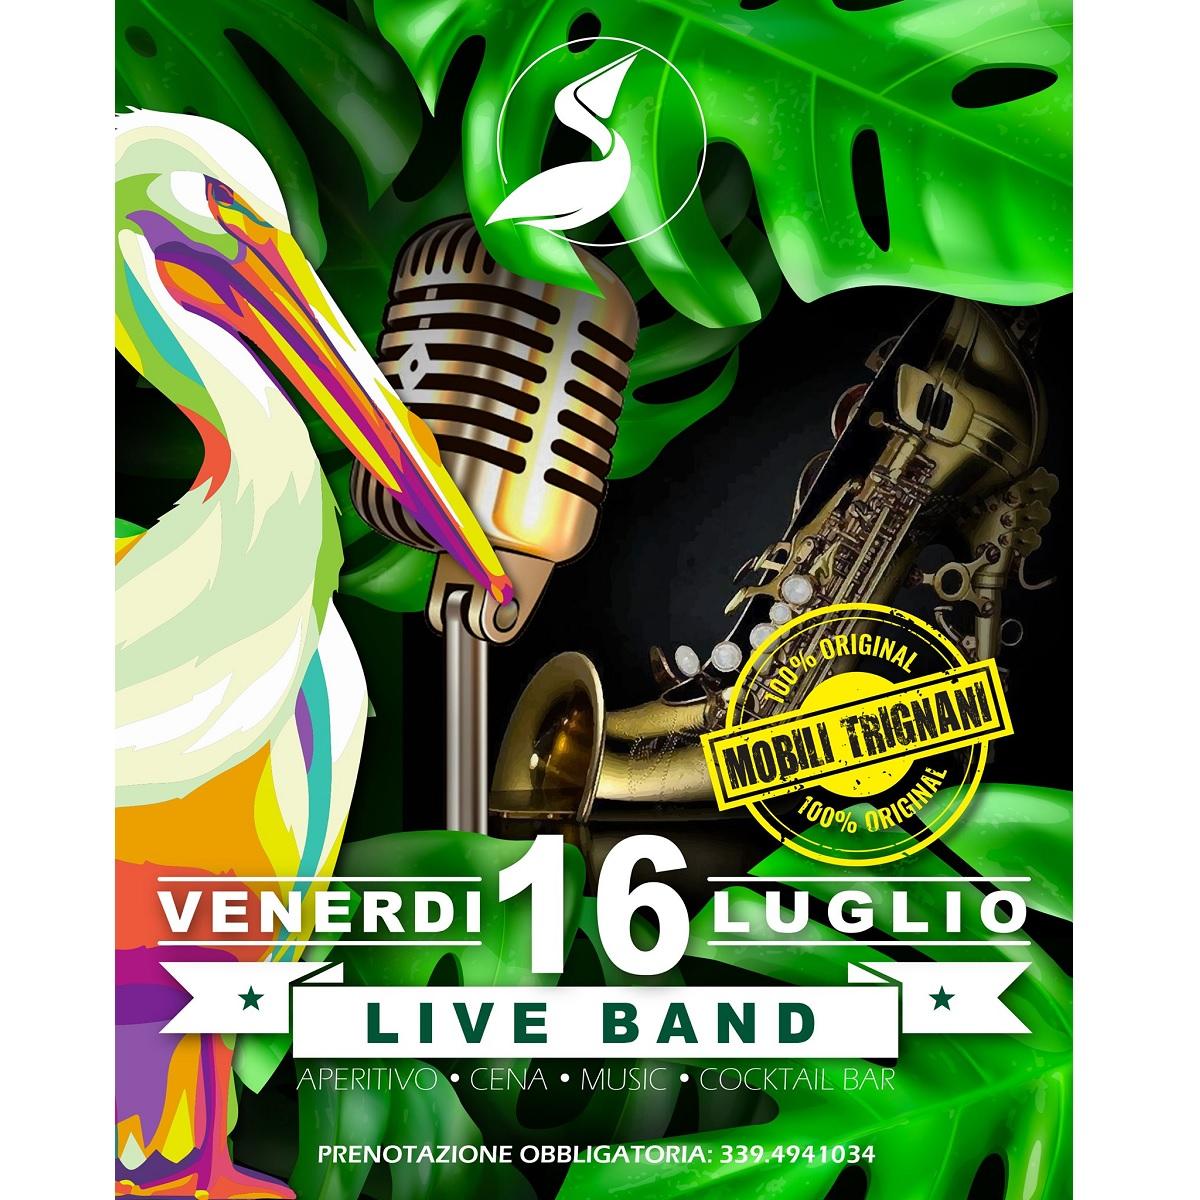 16 luglio 2021 Mobili Trignani live presso Bagni Riviera foto